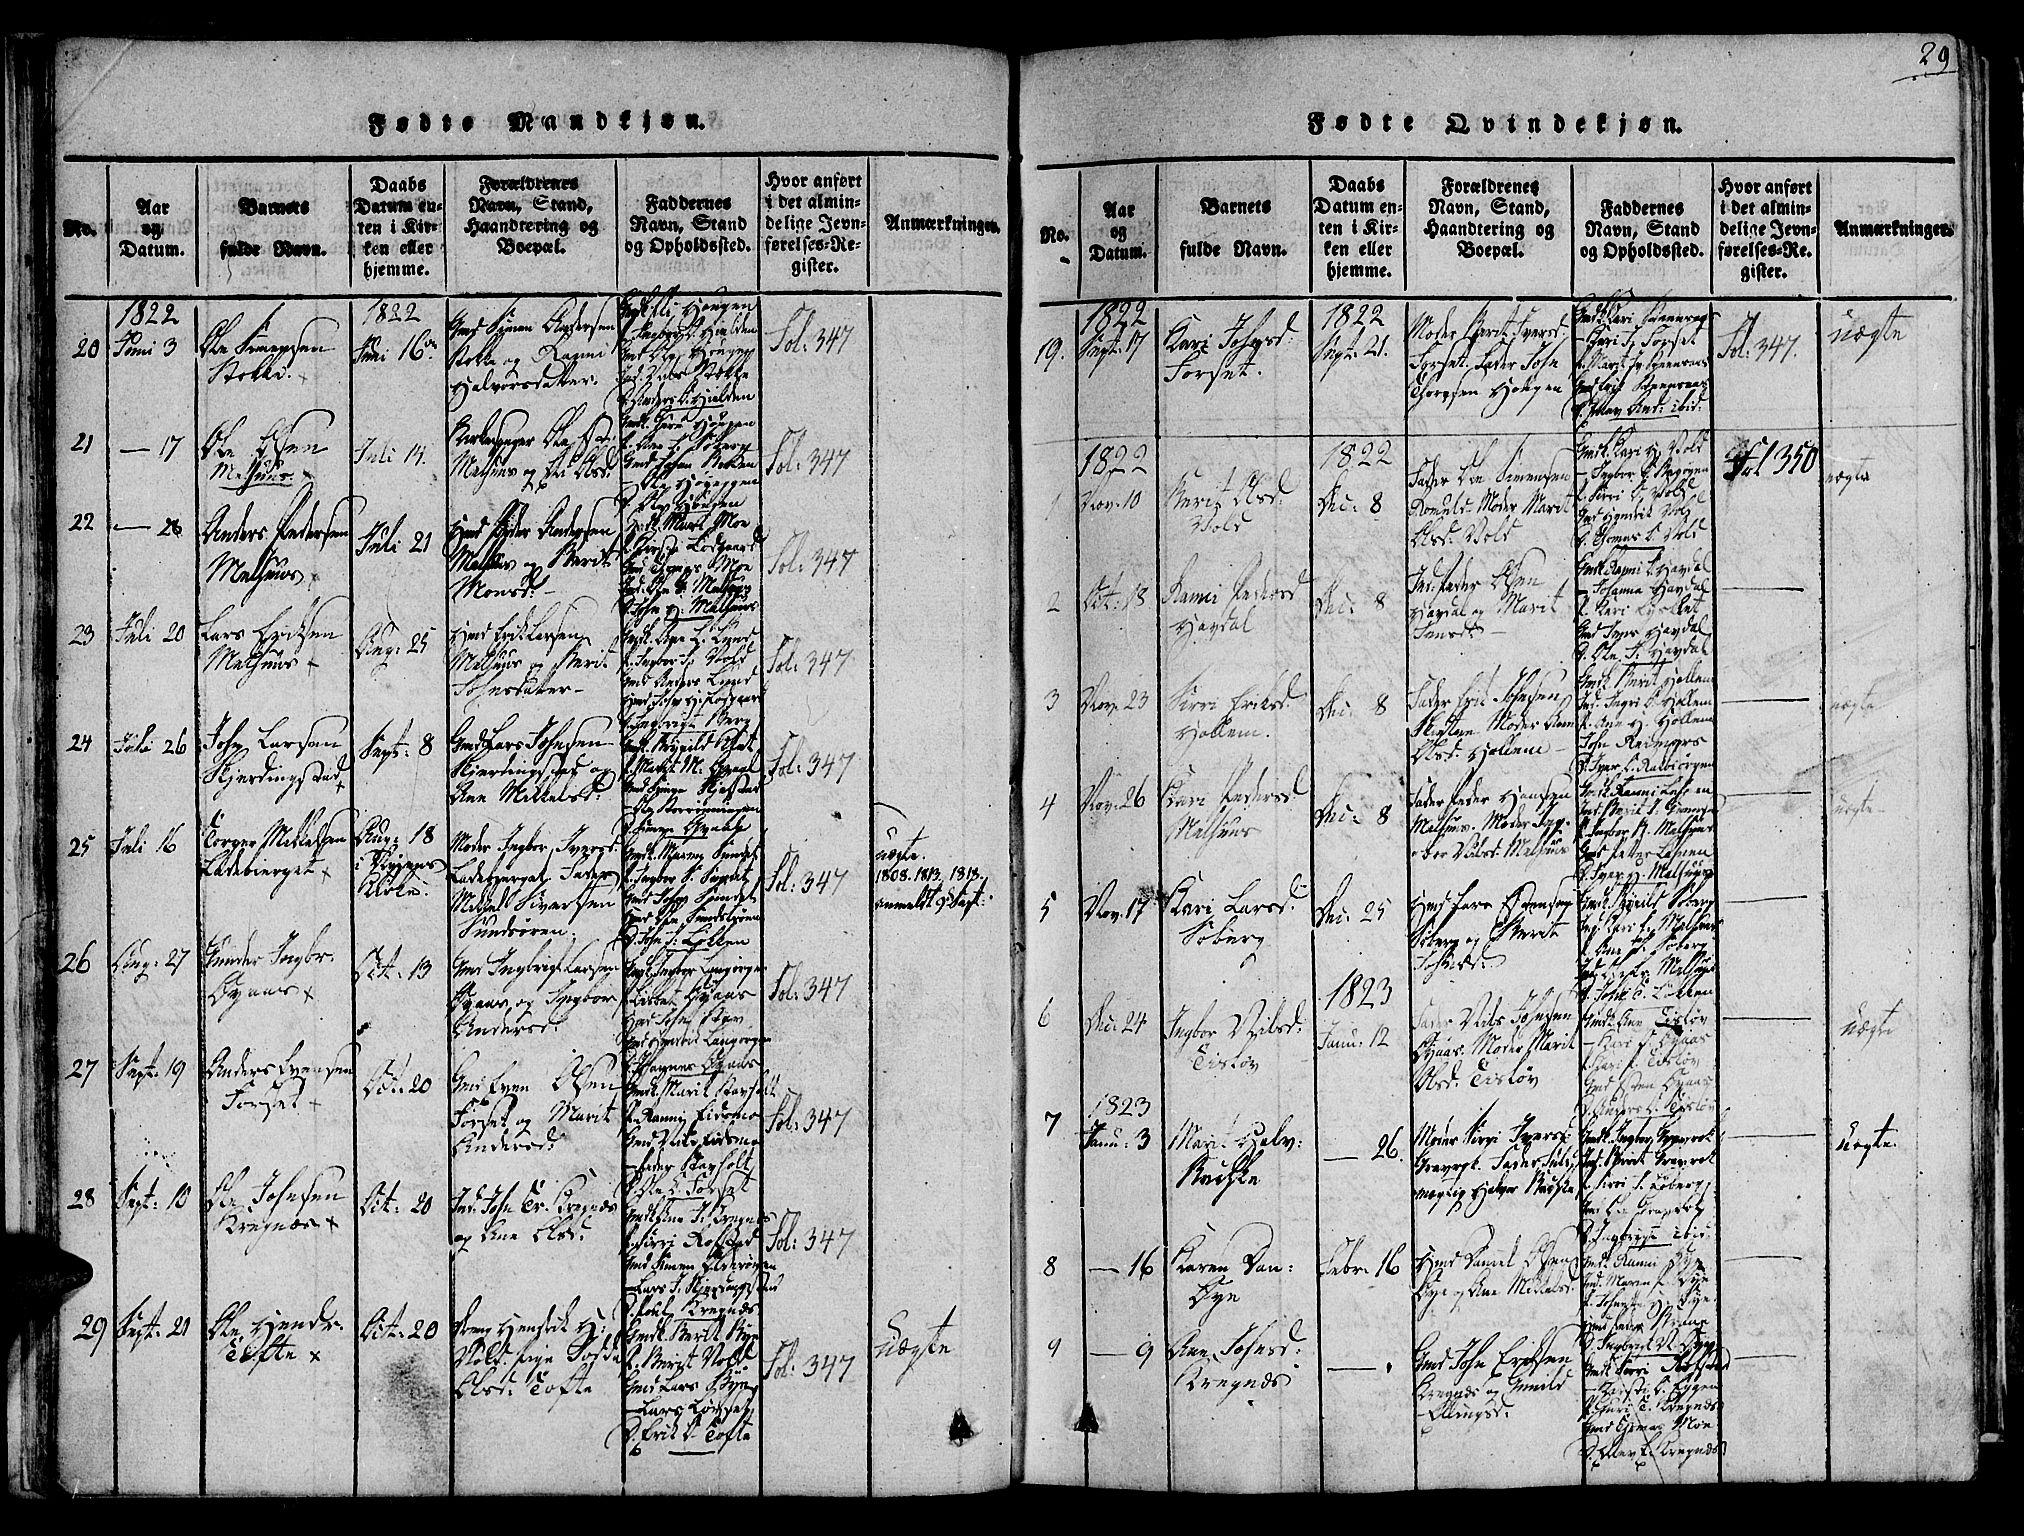 SAT, Ministerialprotokoller, klokkerbøker og fødselsregistre - Sør-Trøndelag, 691/L1065: Ministerialbok nr. 691A03 /1, 1816-1826, s. 29